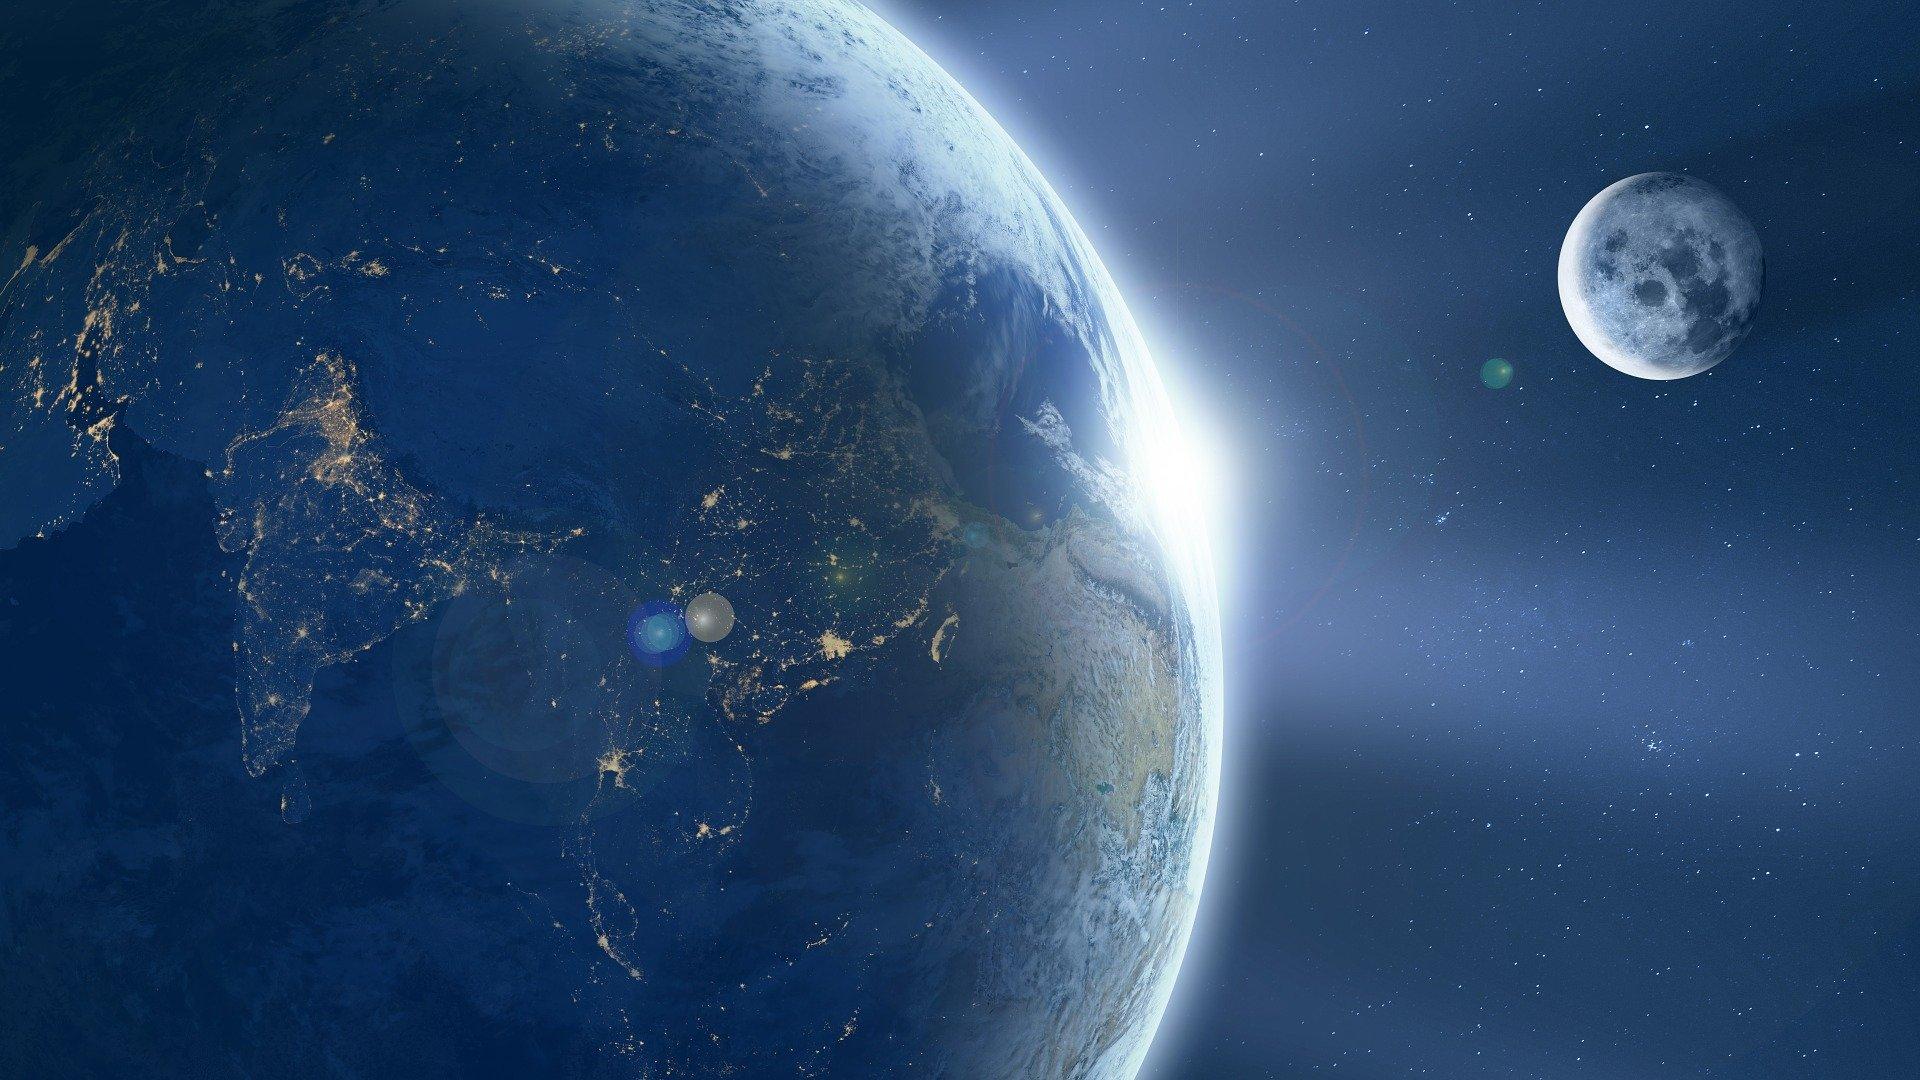 Луна промахивается при падении на Землю из-за вращения планеты